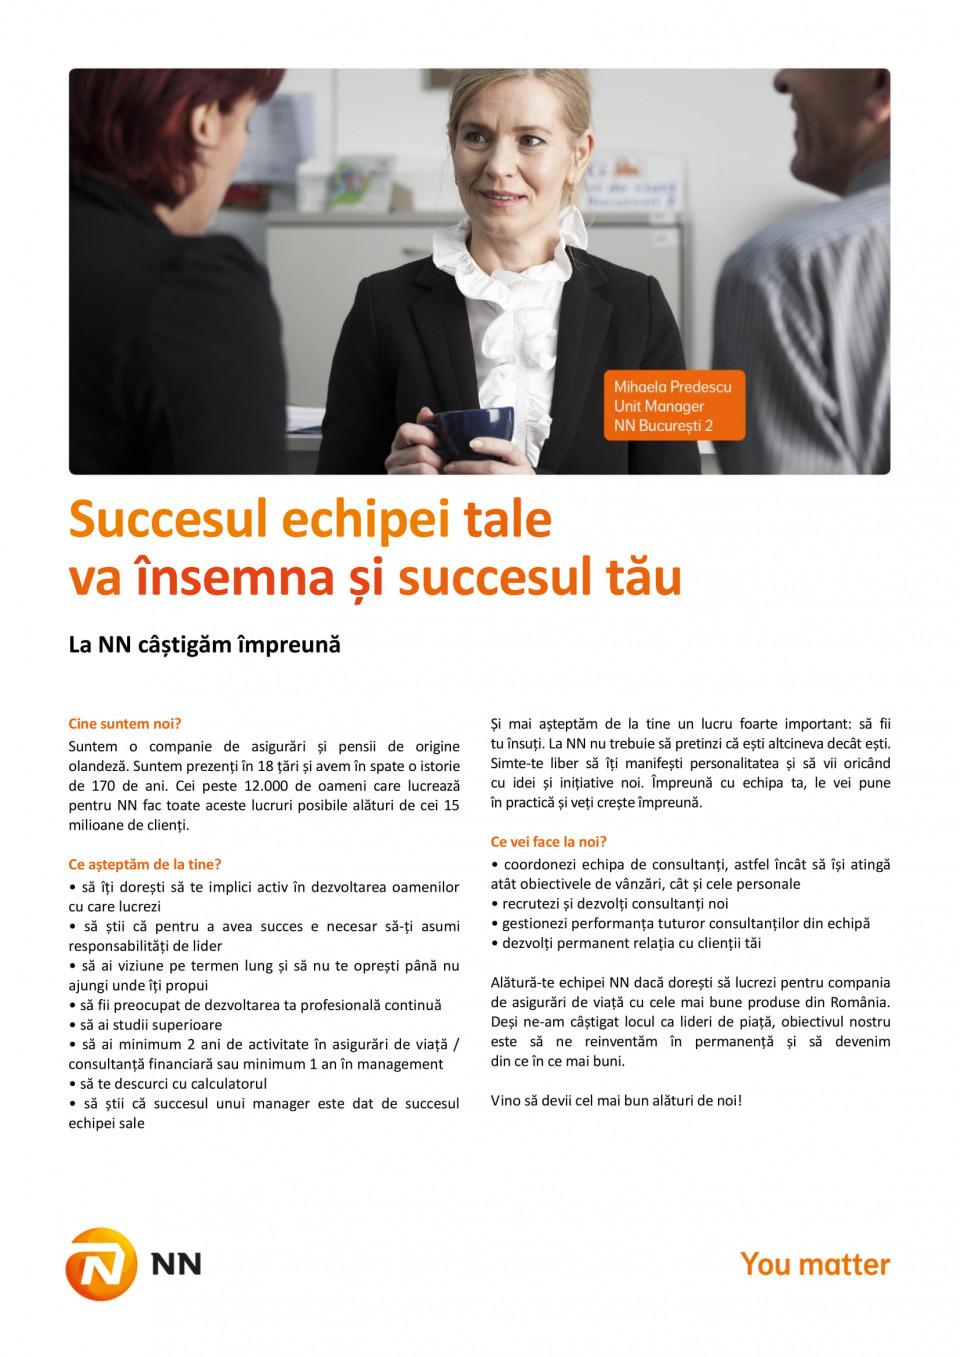 Unit Manager Agentia Piatra Neamt:  - studii superioare; - minim 2 ani experienta asigurari sau in coordonarea si managementul de oameni. Coordoneaza echipa de consultanti de asigurari de viata Se concentreaza asupra identificarii, recrutarii si dezvoltarii talentelor la nivelul consultantilor din echipa Gestioneaza performanta membrilor echipei si monitorizeaza atingerea targetului de vanzari Suntem o companie de asigurări și pensii de origine olandeză. Suntem prezenți în 18 țări și avem în spate o istorie de 170 de ani. Cei peste 12.000 de oameni care lucrează pentru NN, fac toate aceste lucruri posibile pentru de cei peste 15 milioane de clienți ai companiei noastre.